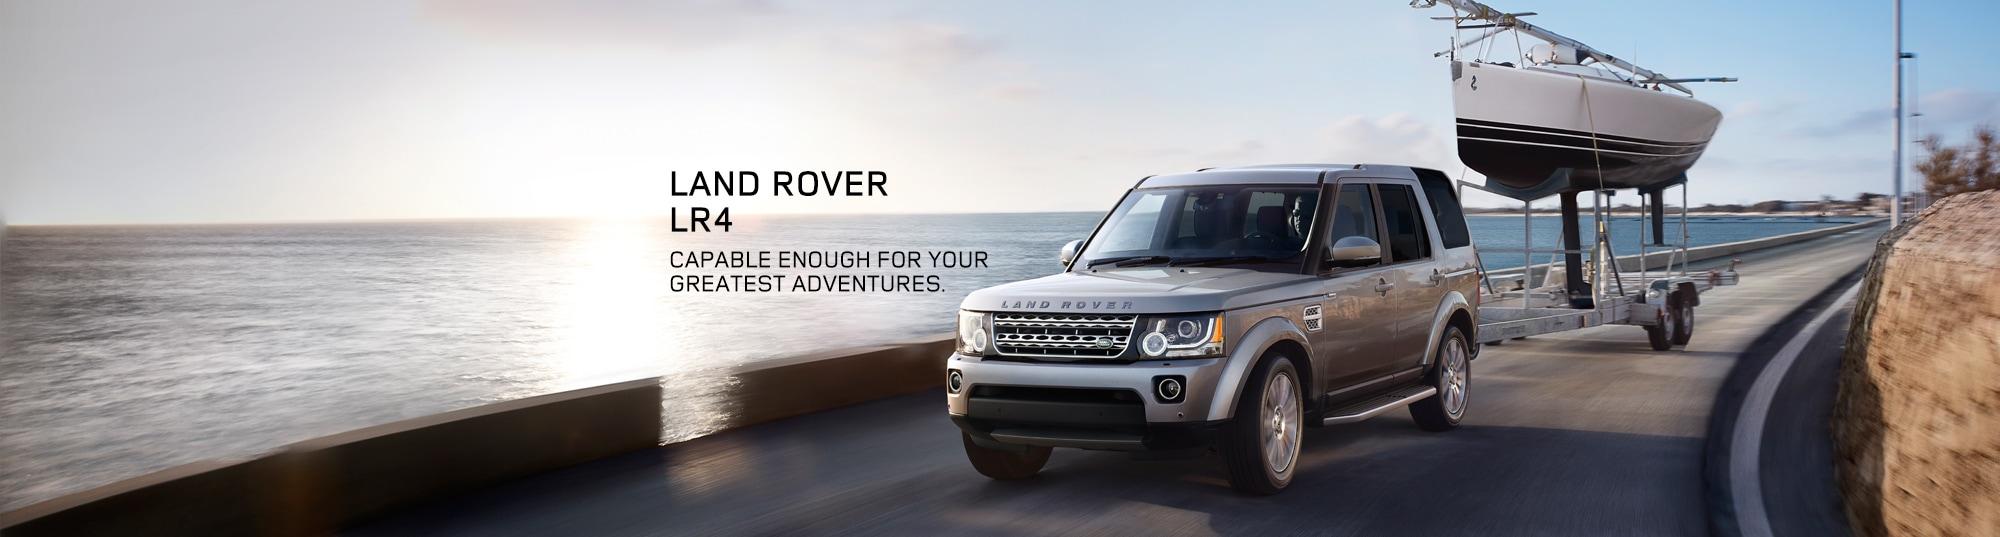 land rover san juan texas 888 559 8739 land rover dealer serving. Black Bedroom Furniture Sets. Home Design Ideas